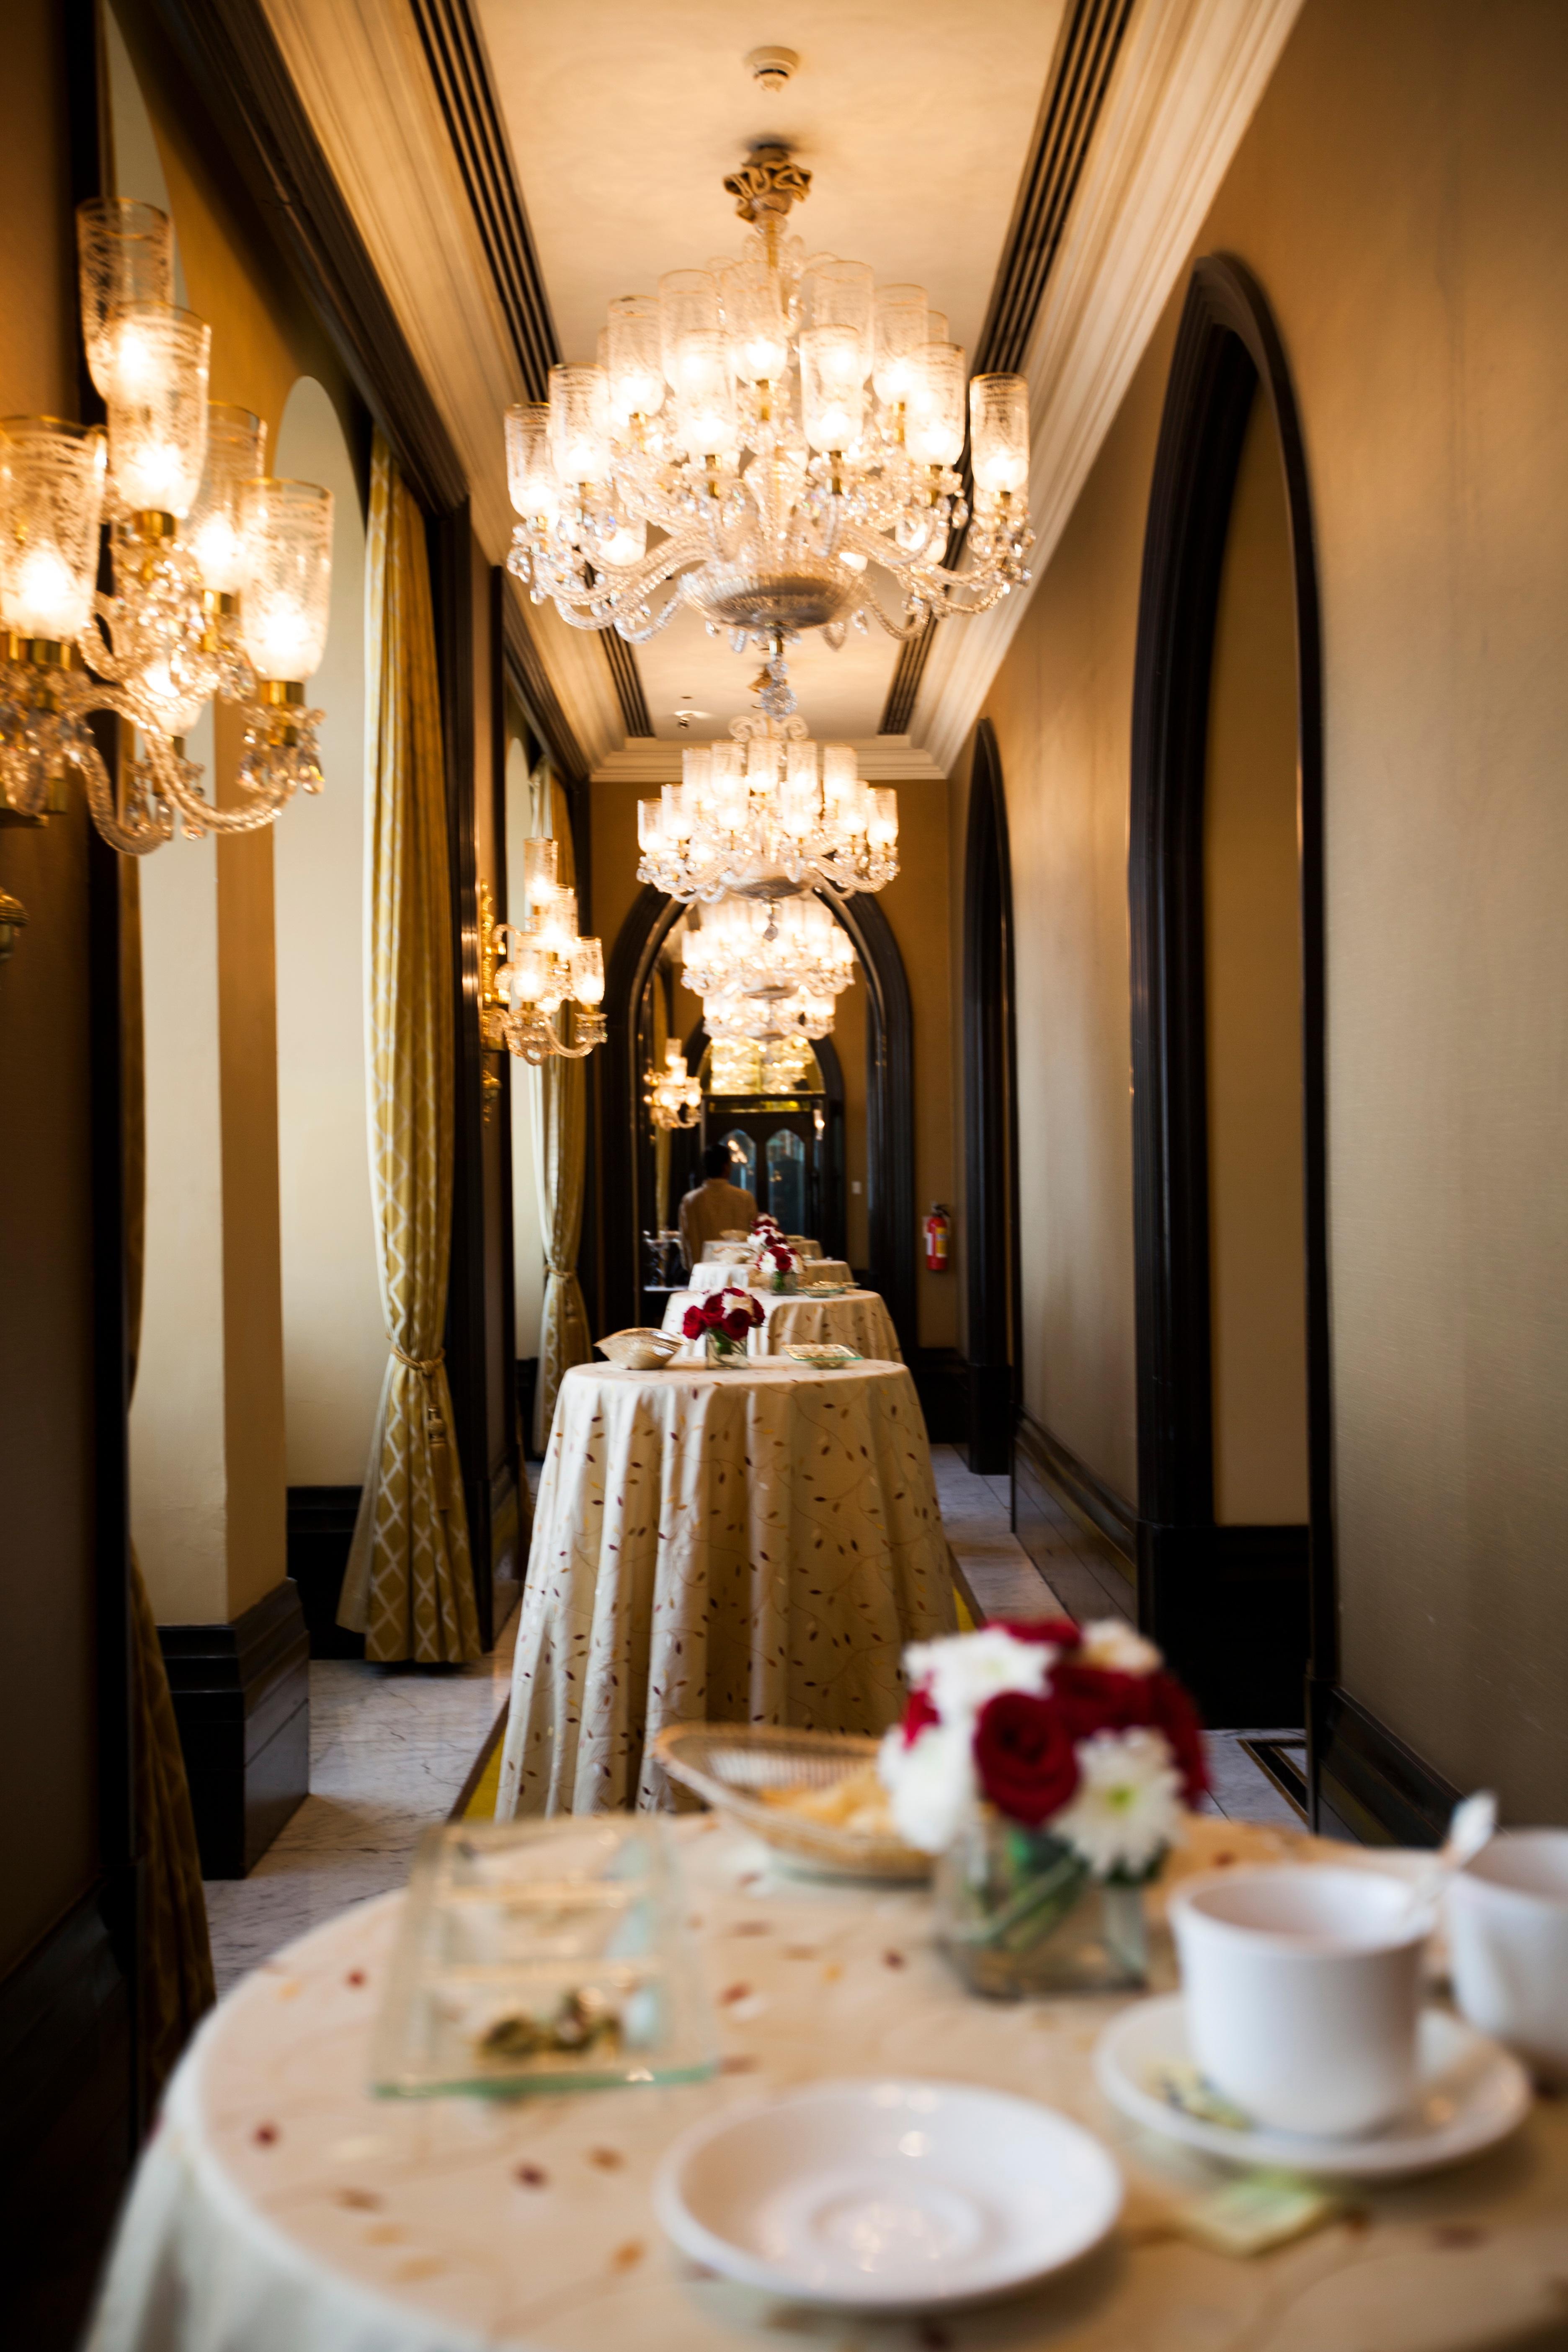 Wedding Interior Design: Banco De Imagens : Restaurante, Refeição, Quarto